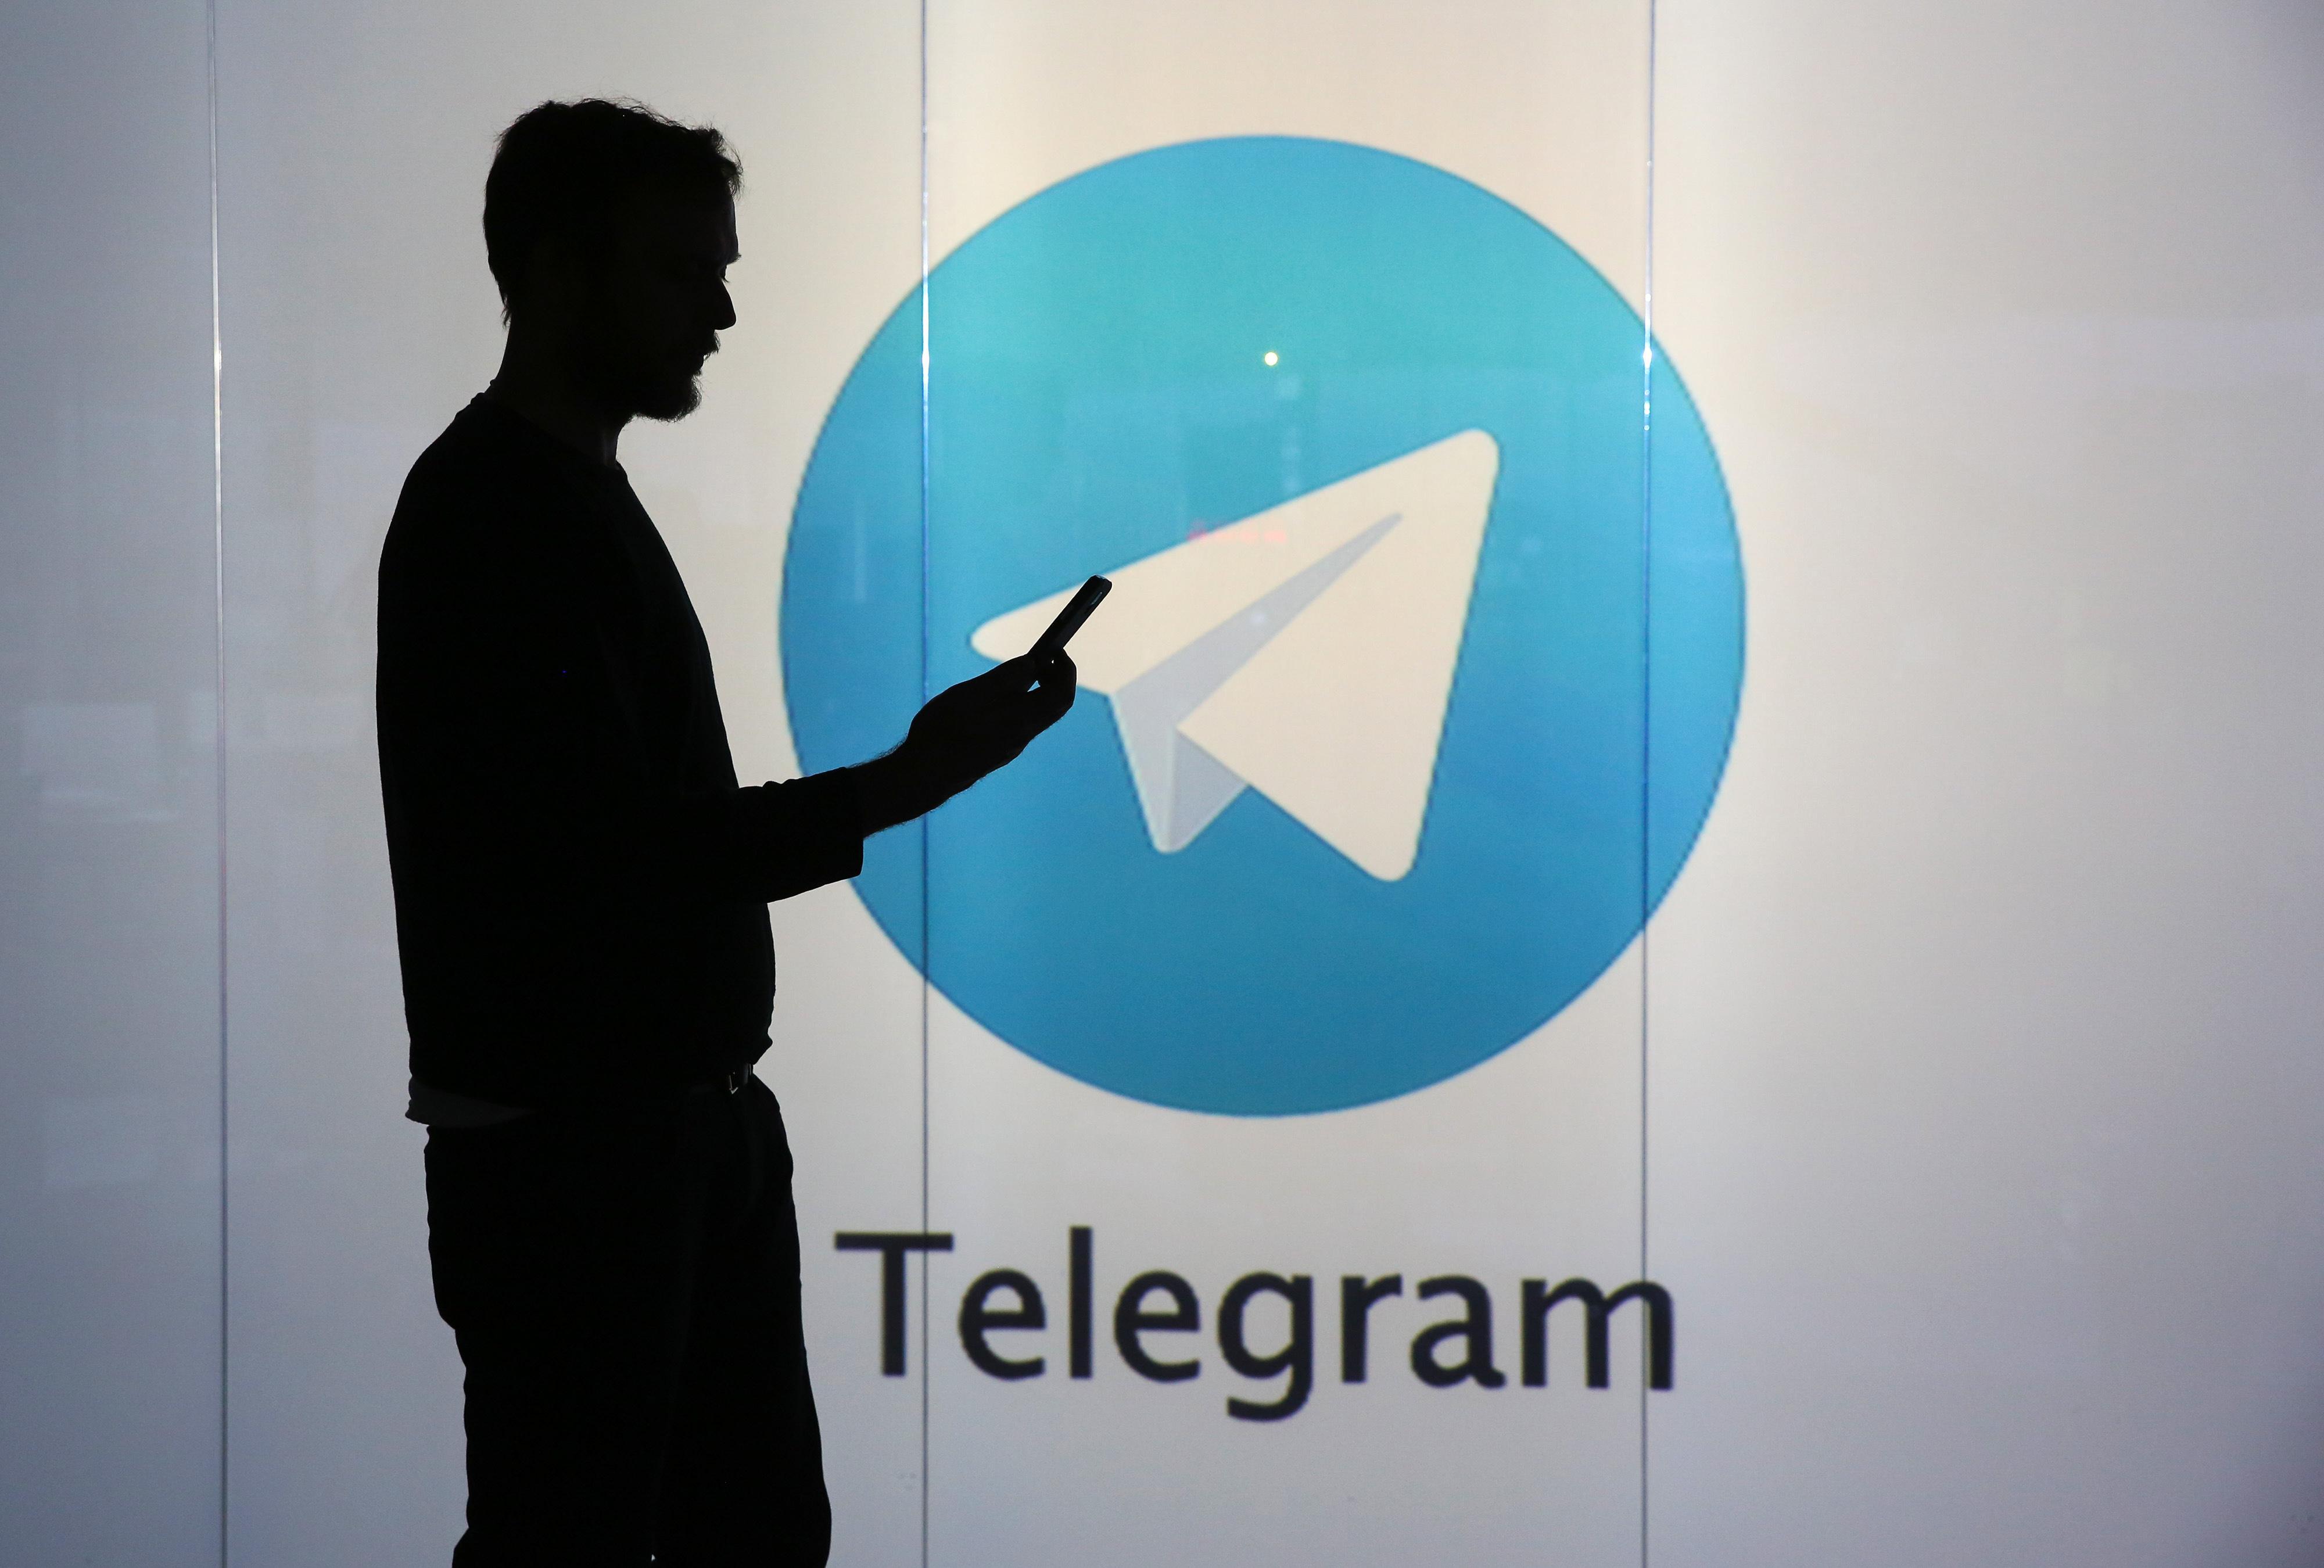 О чём теперь нельзя писать в Telegram?